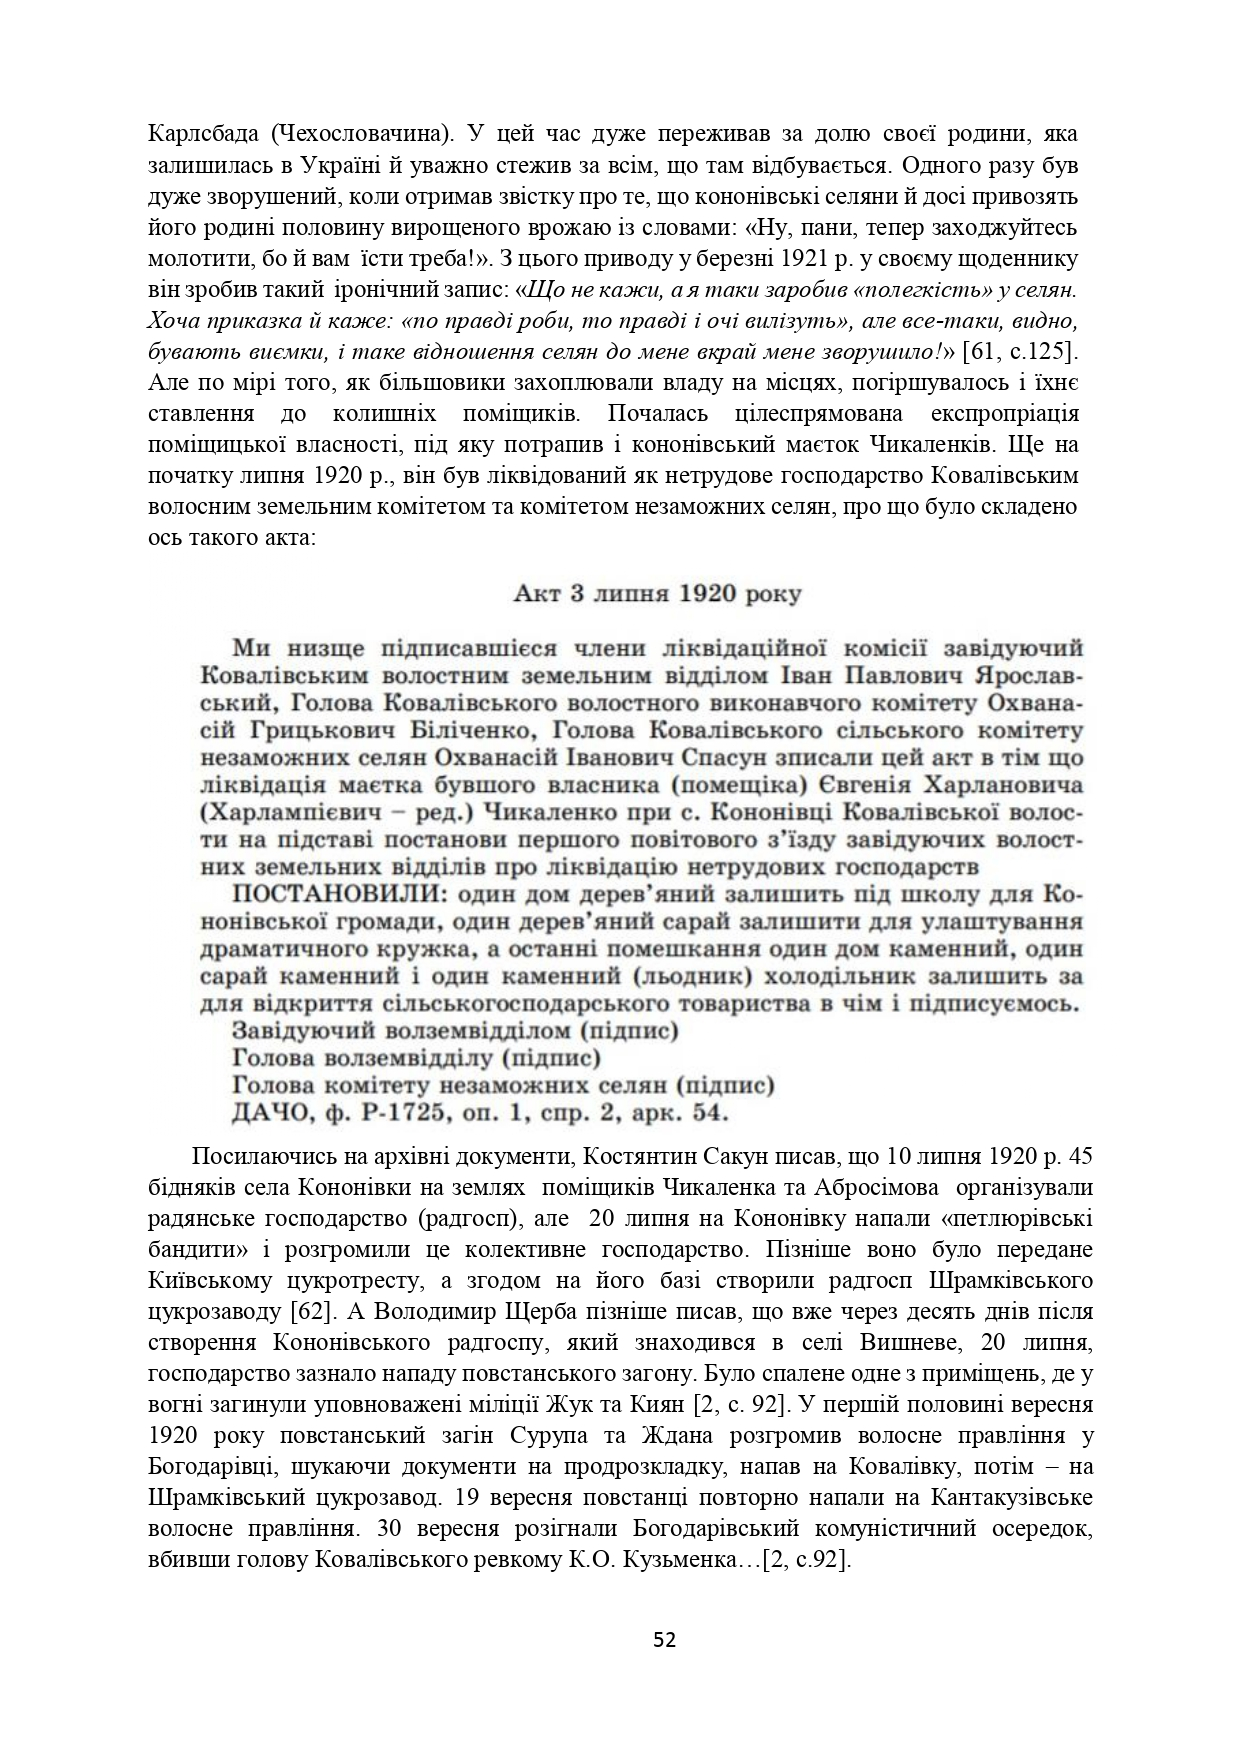 ІСТОРІЯ СЕЛА КОНОНІВКА 2021 (1)_page-0052